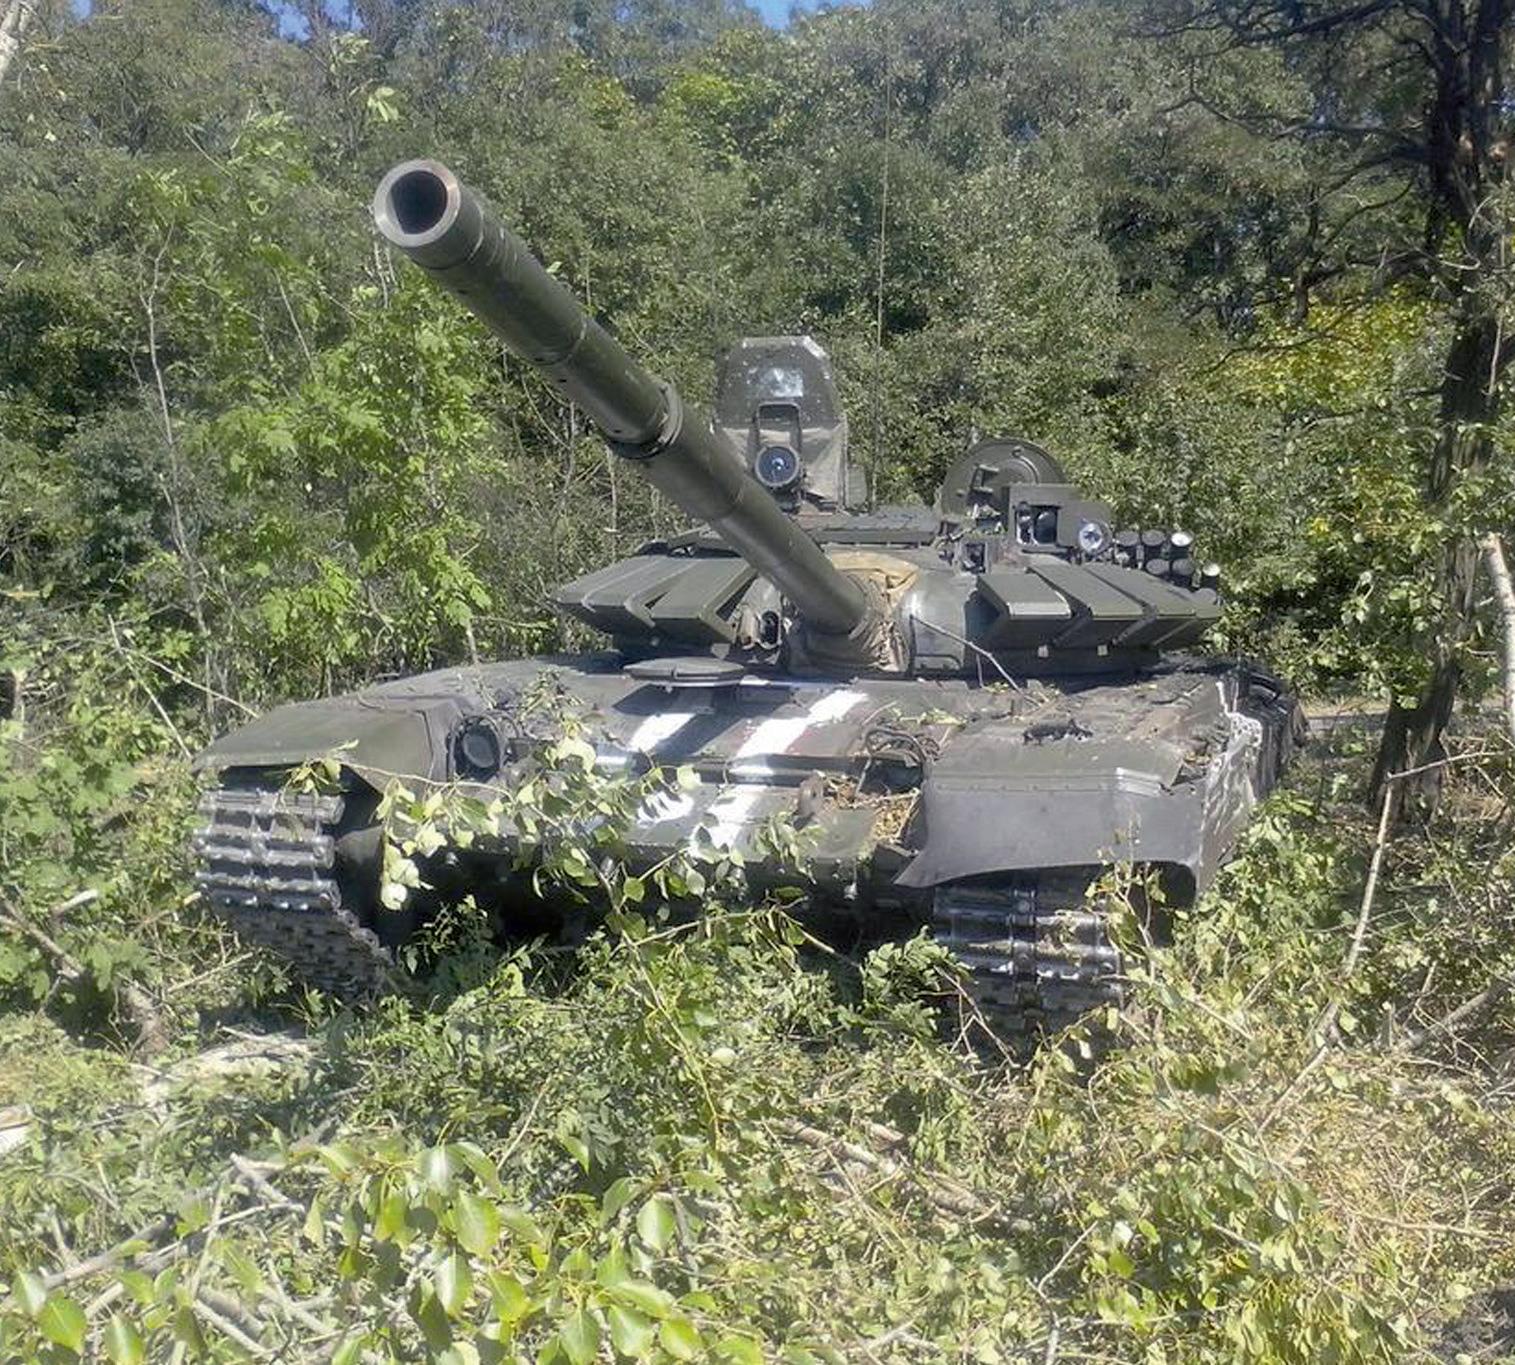 Российский танк Т-72Б3, захваченный украинскими военными у сепаратистов